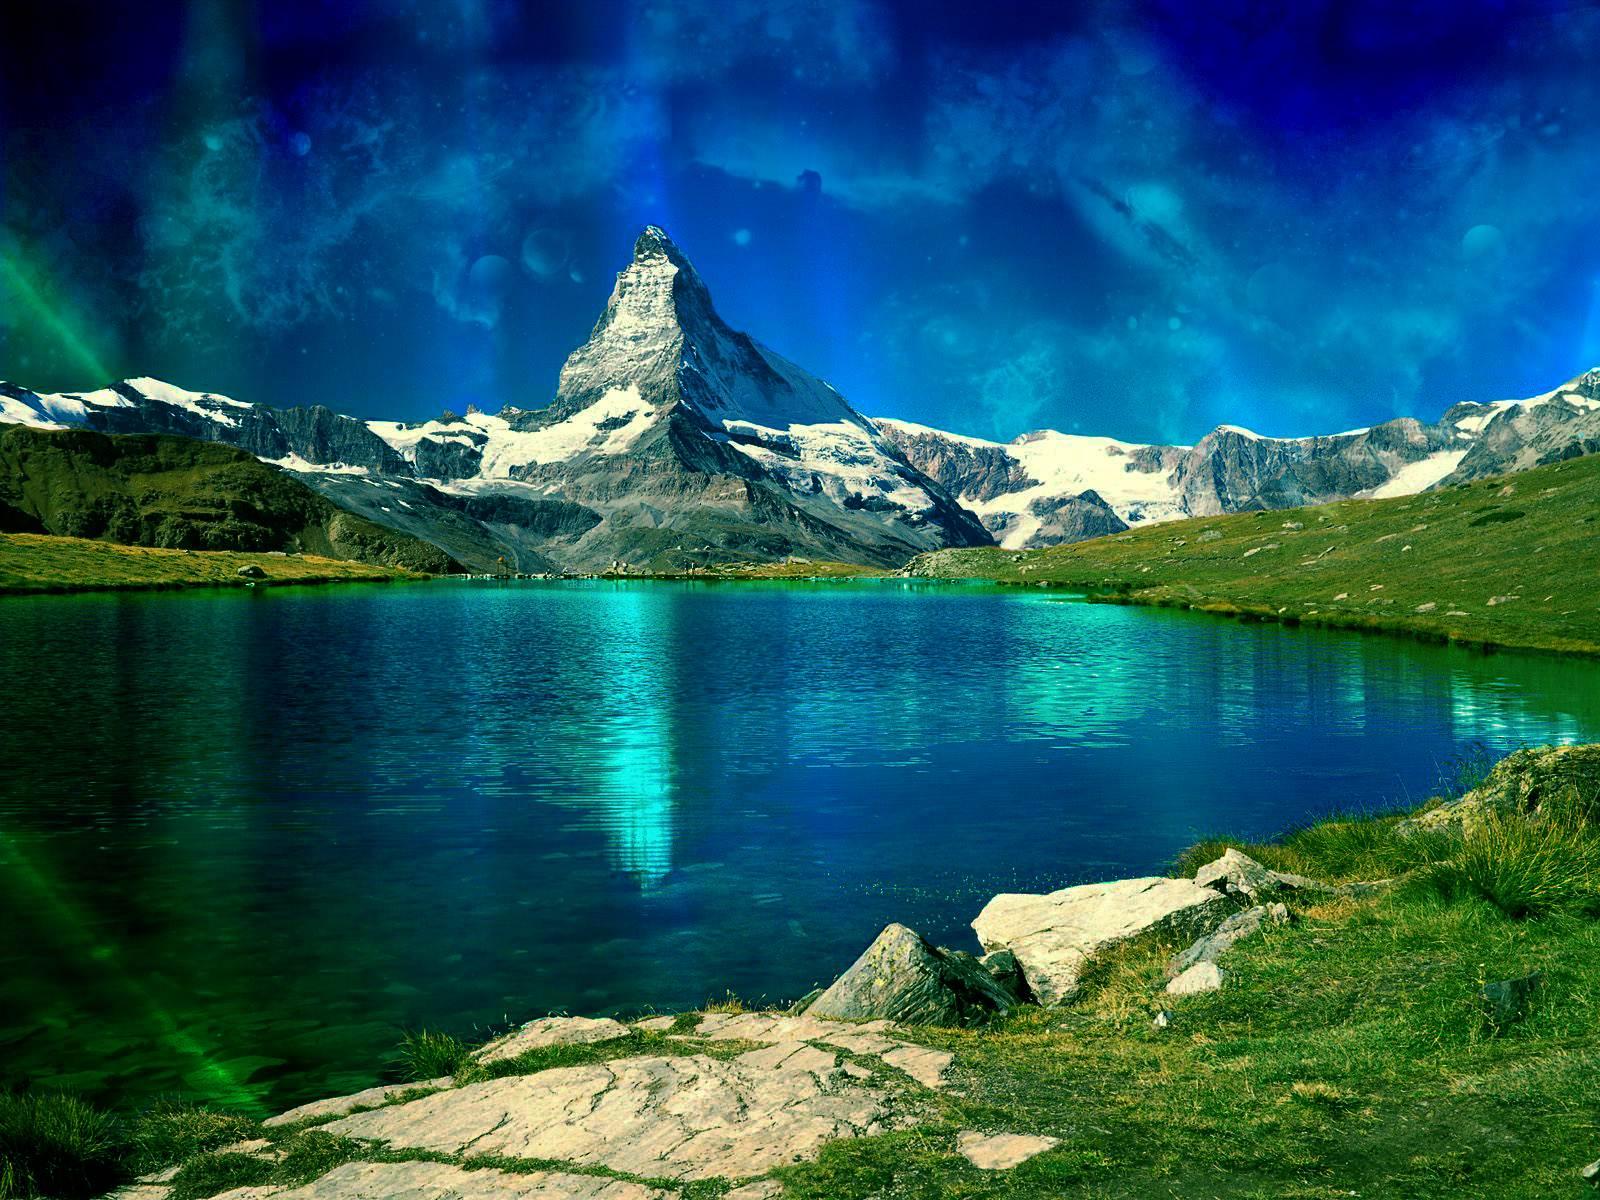 http://4.bp.blogspot.com/-YE--uDxv46U/TyDLcnBQV-I/AAAAAAAAKOQ/QaqX2HH-7KA/s1600/papeis-de-parede-variados%252Cwallpaper-imagens+%25282%2529.jpg